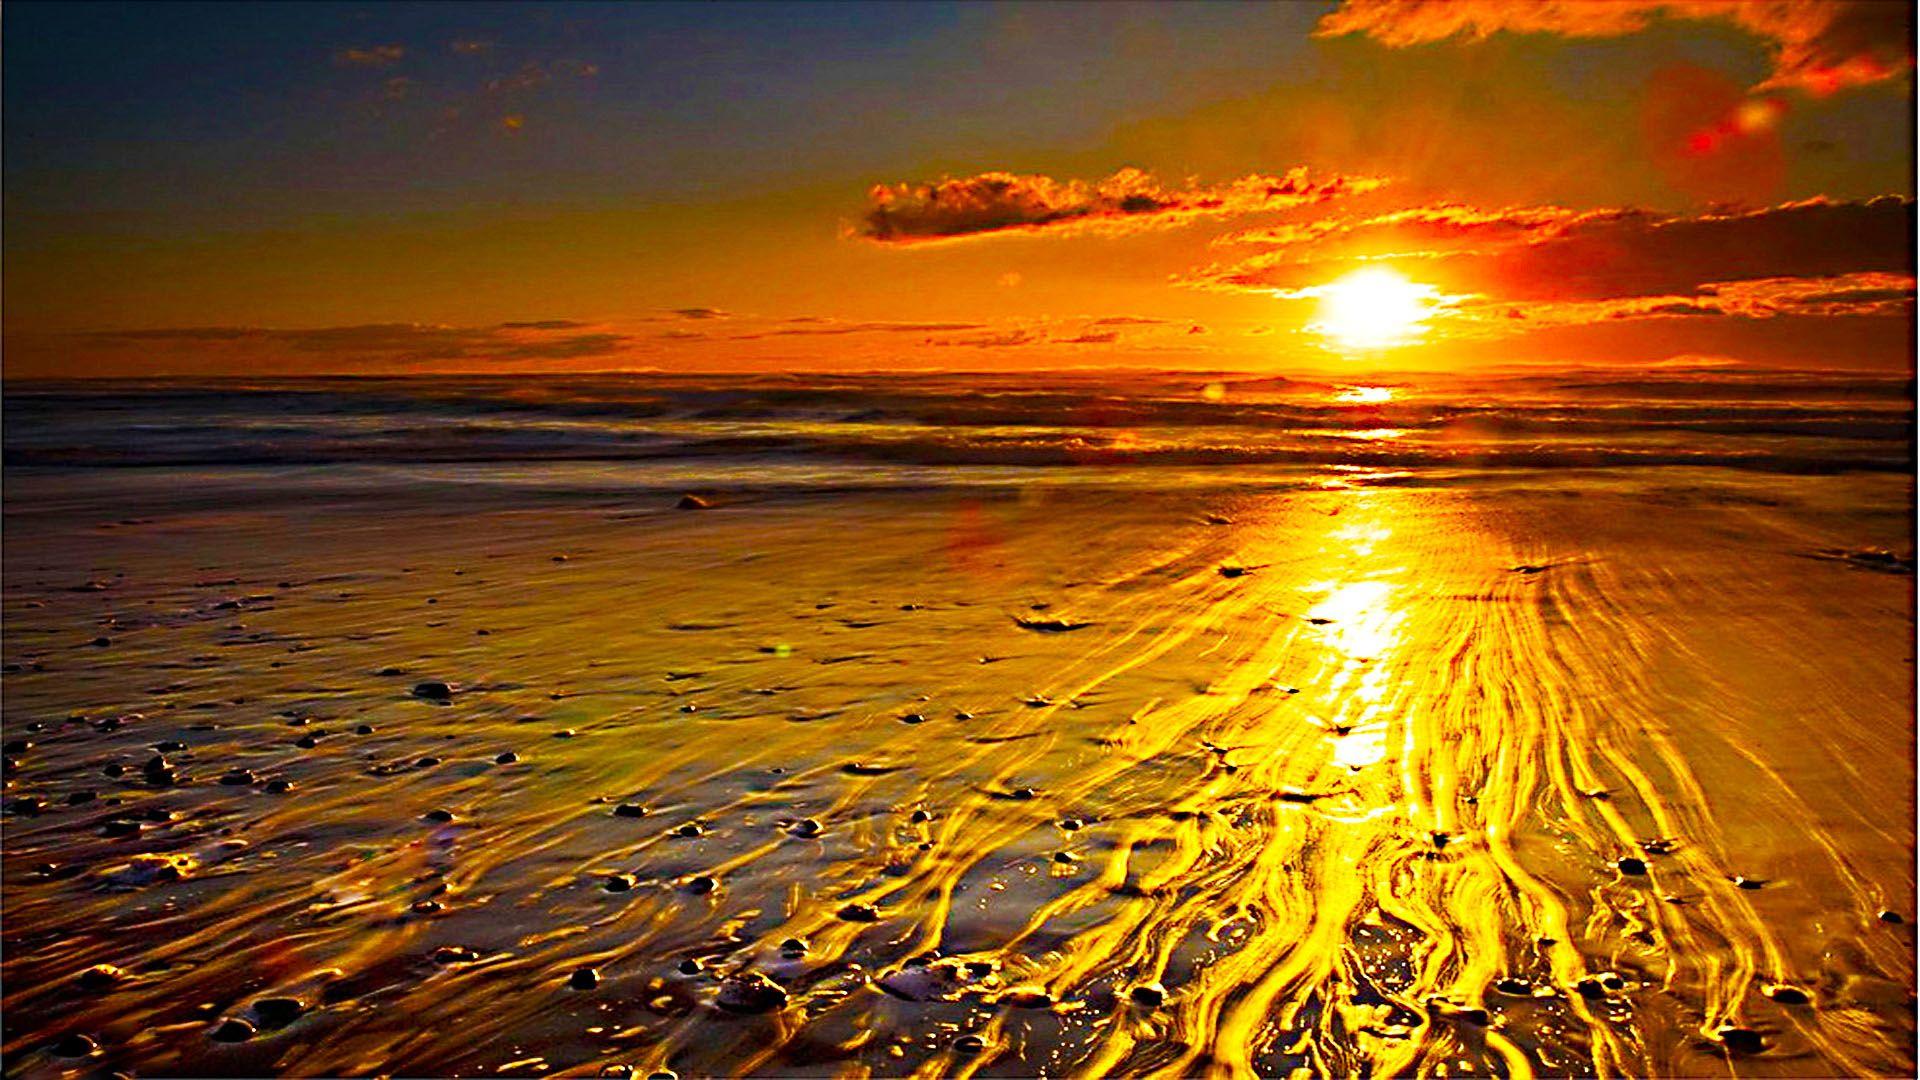 Goreous Golden Sunrise Sunrise Wallpaper Sunset Sunrise Beach